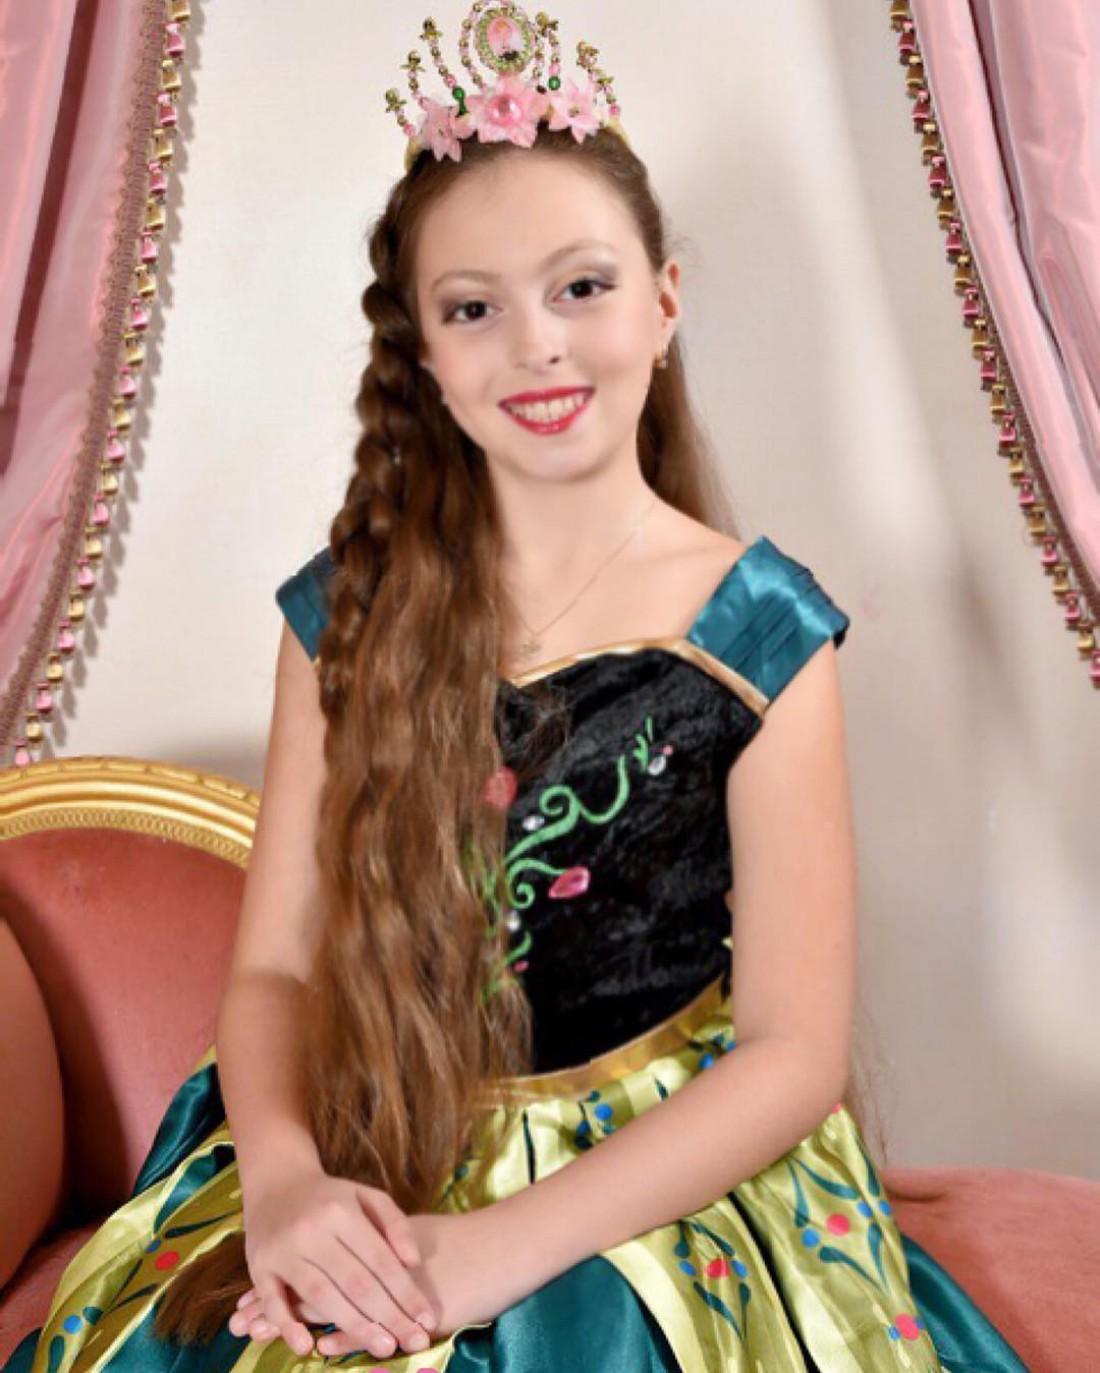 Дочь Оли Поляковой – Маша. Фото разместила певица.